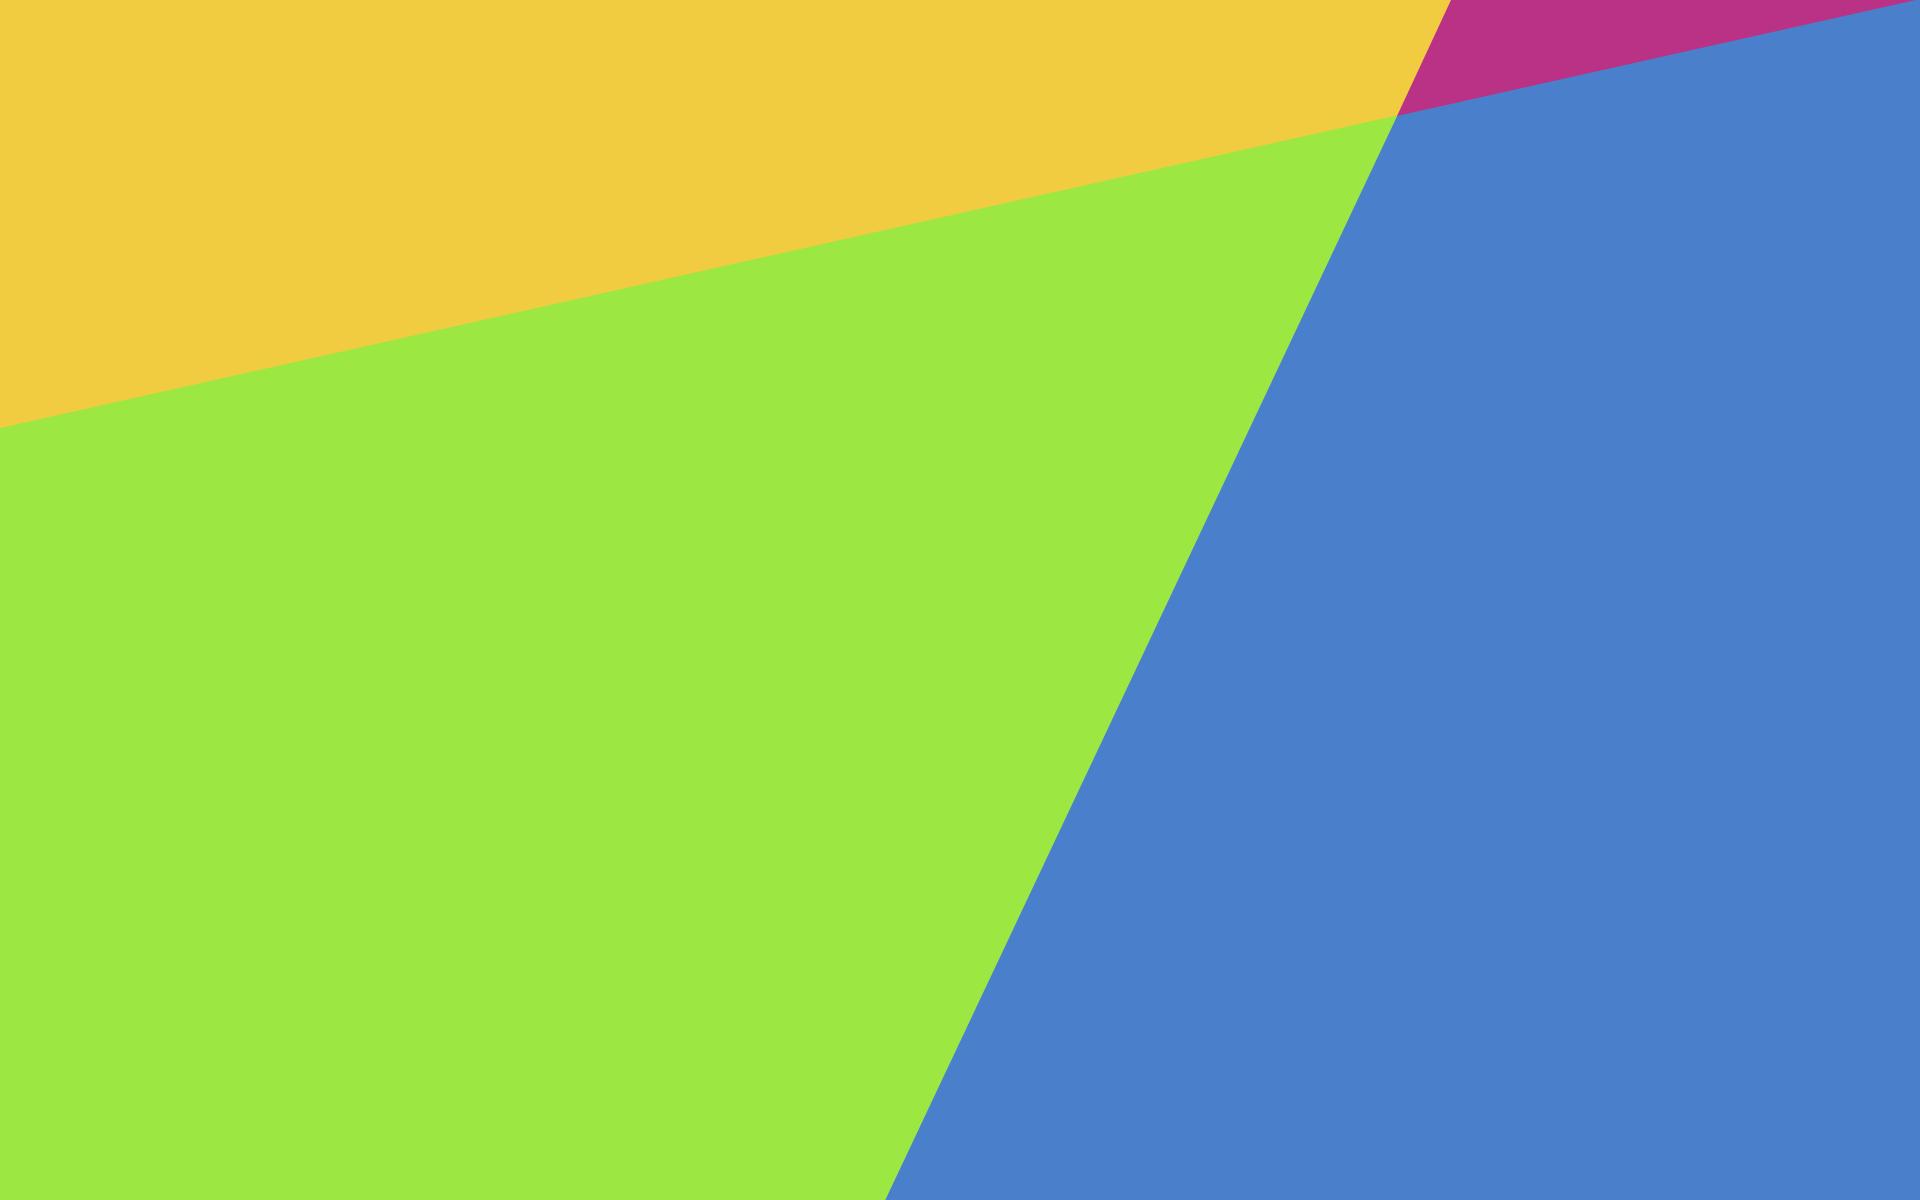 Nexus 7 2013 Wallpaper - WallpaperSafari